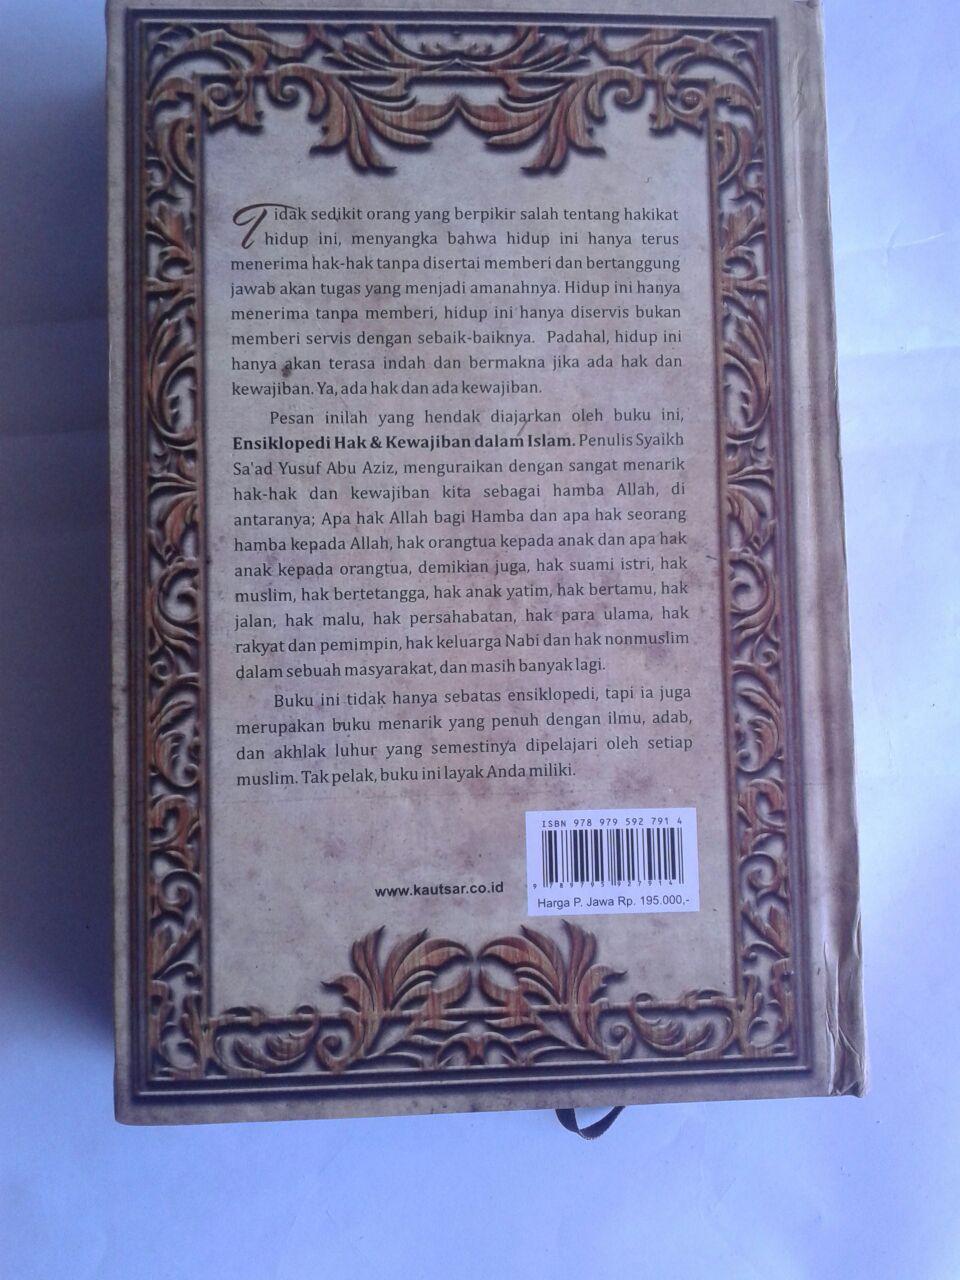 Buku Ensiklopedi Hak Dan Kewajiban Dalam Islam cover 3